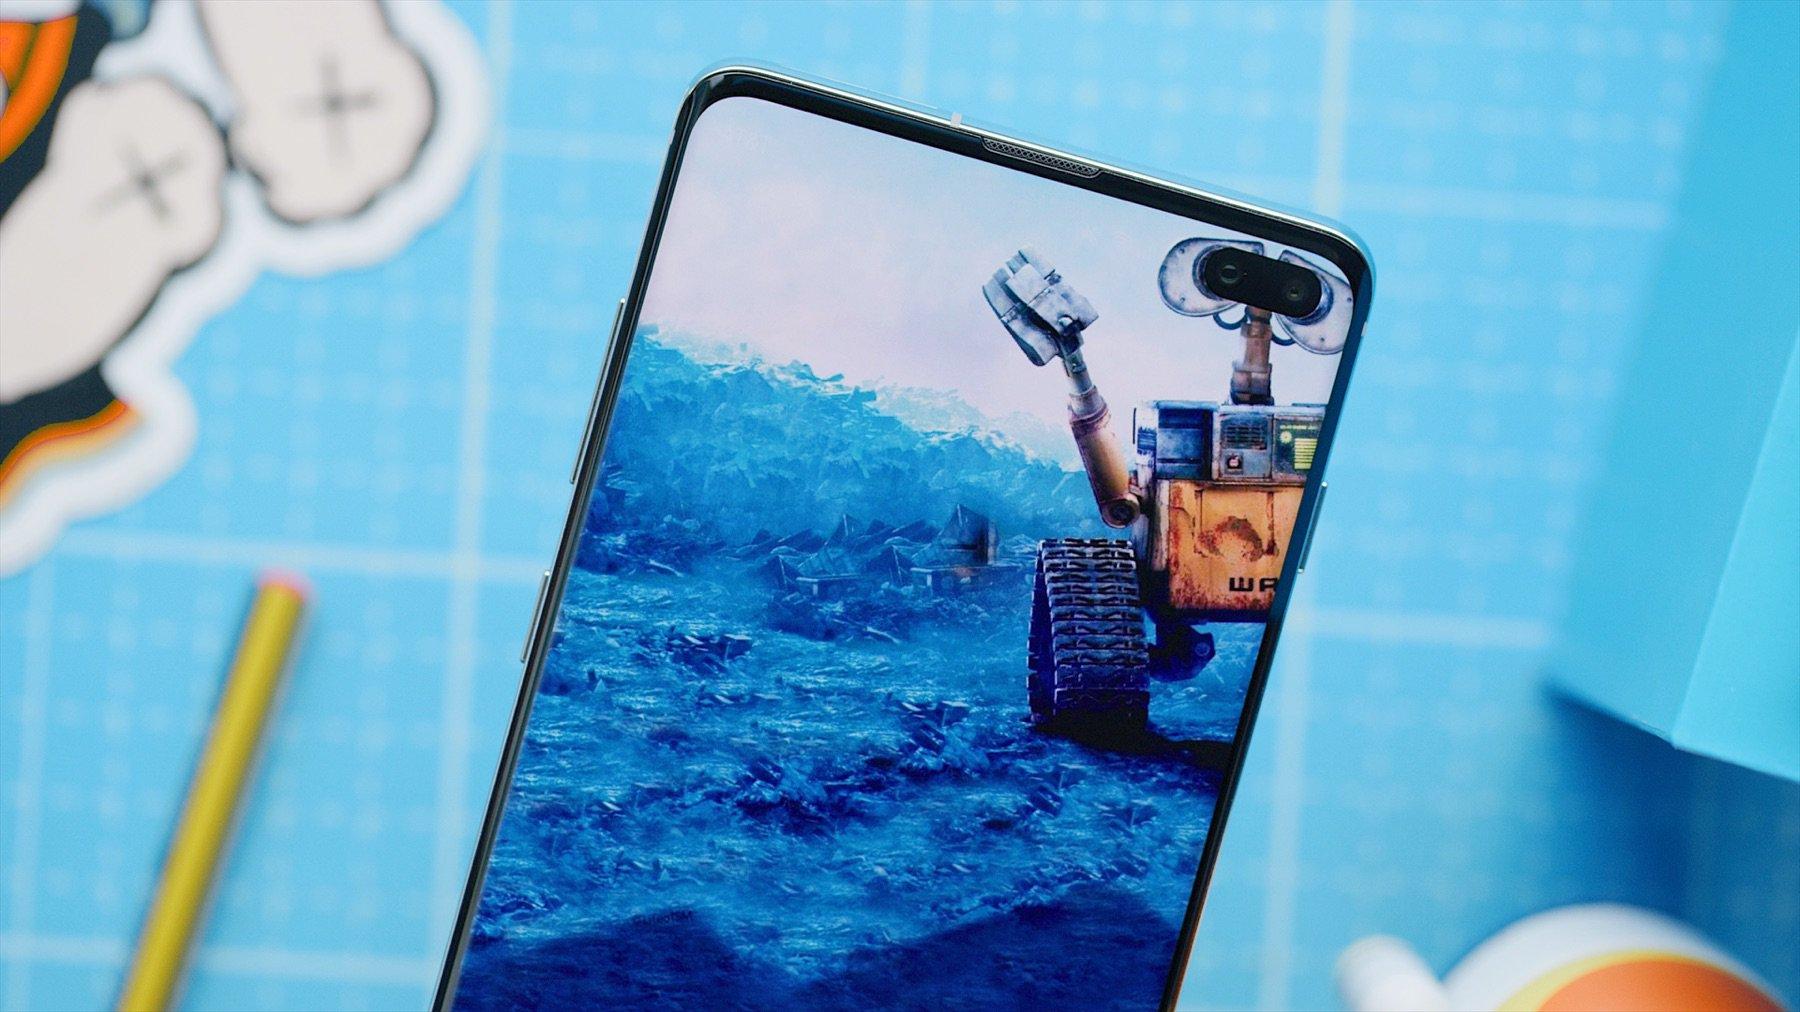 Samsung Galaxy S10 Cette Application Deniche Le Fond D Ecran Parfait Pour Camoufler Votre Trou